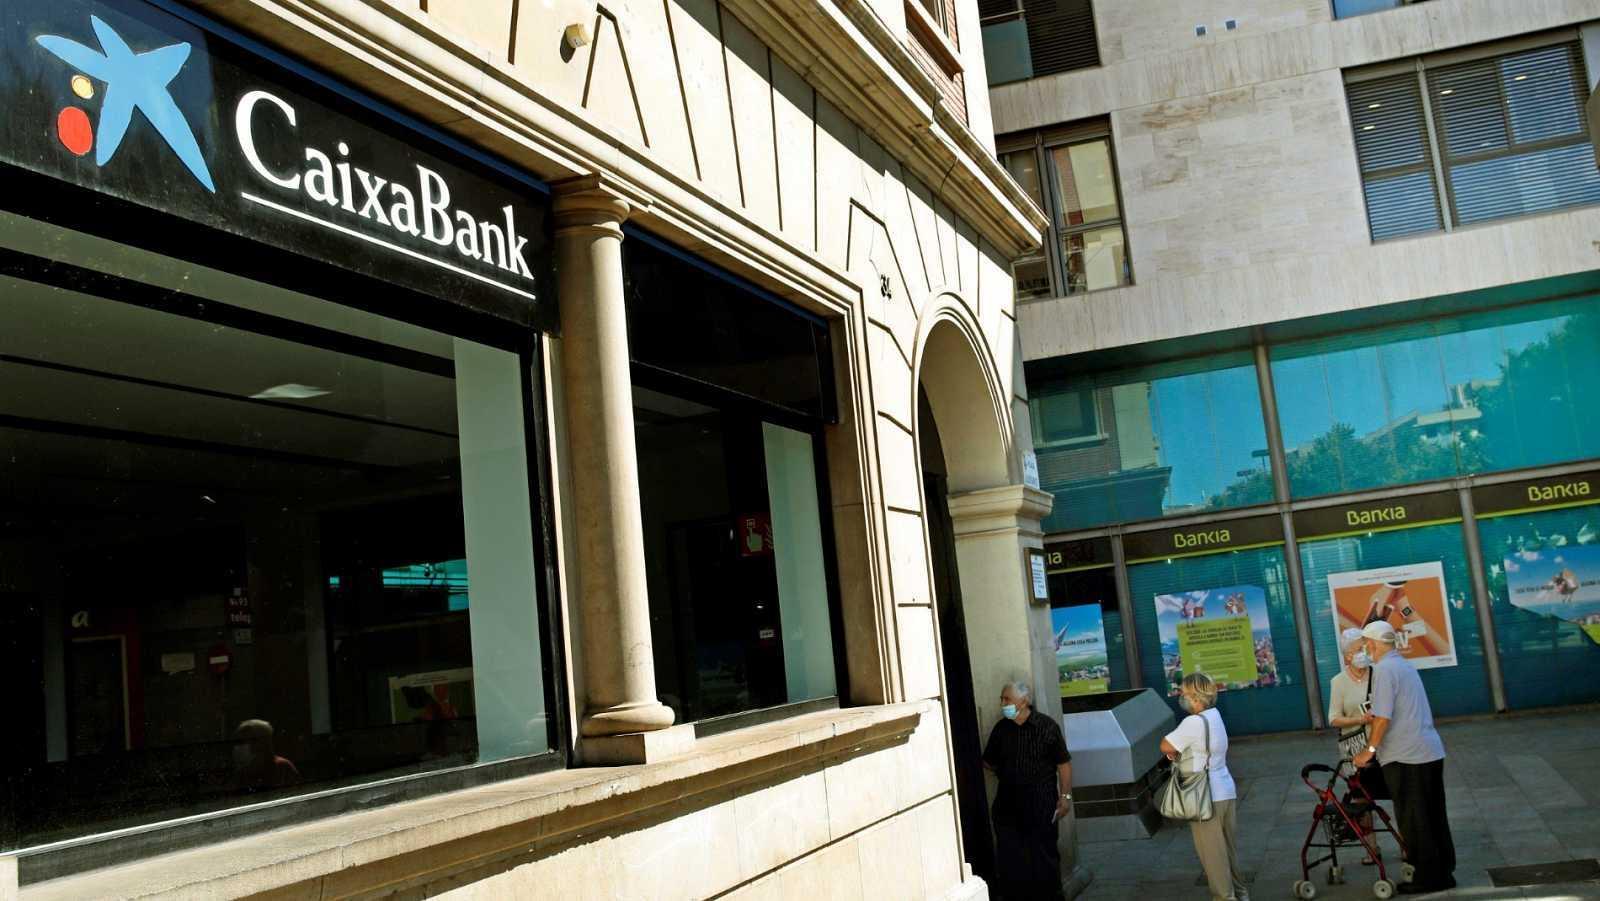 Fusión CaixaBank-Bankia: una etapa más en el proceso de concentración bancaria iniciado tras la crisis